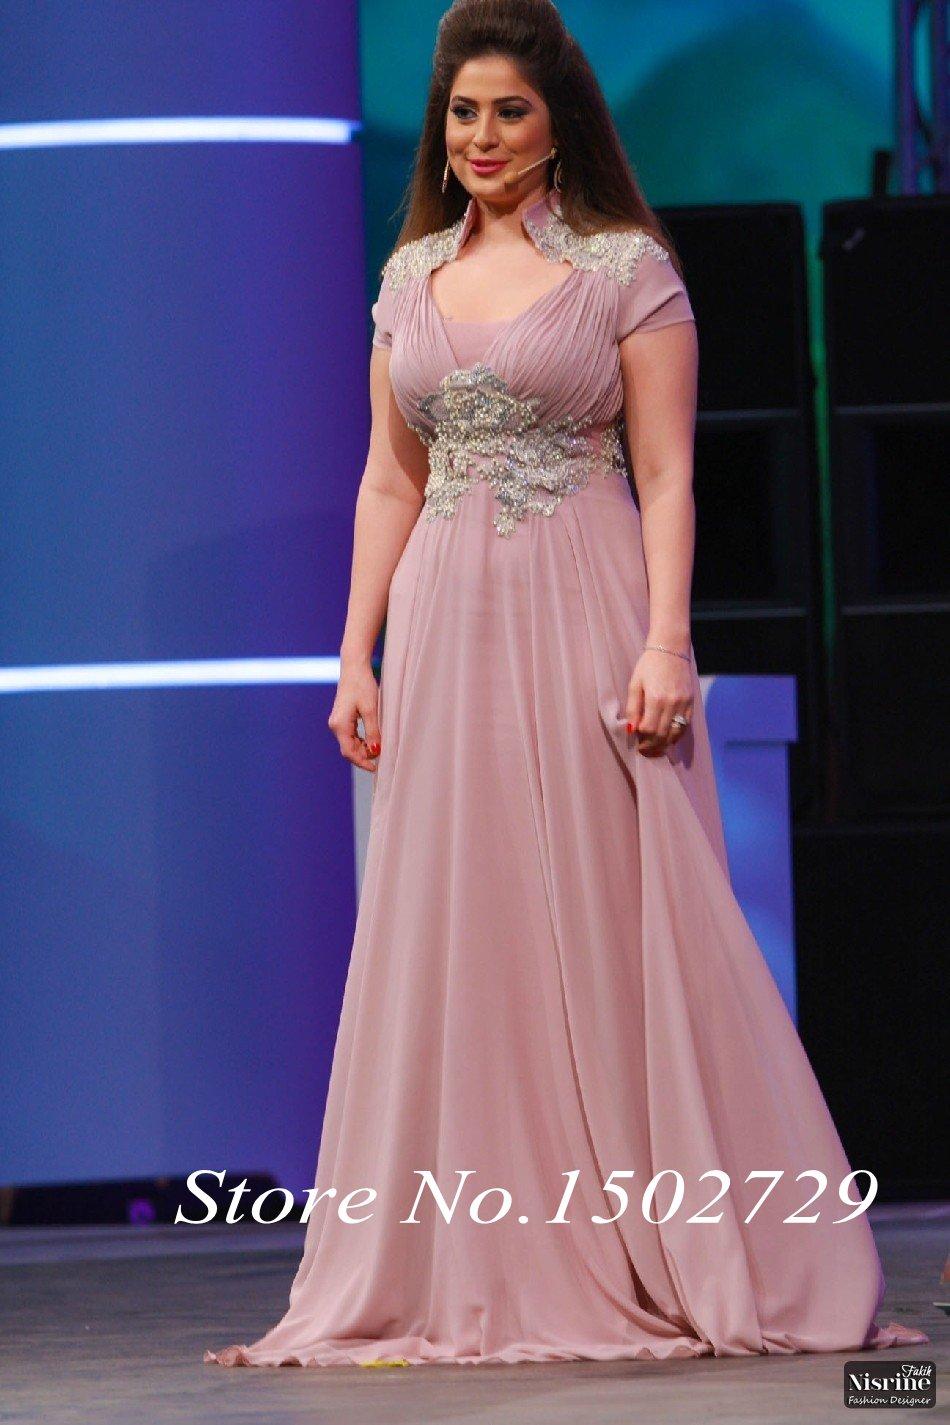 Bonito Party Dresses Size 20 Bosquejo - Colección de Vestidos de ...